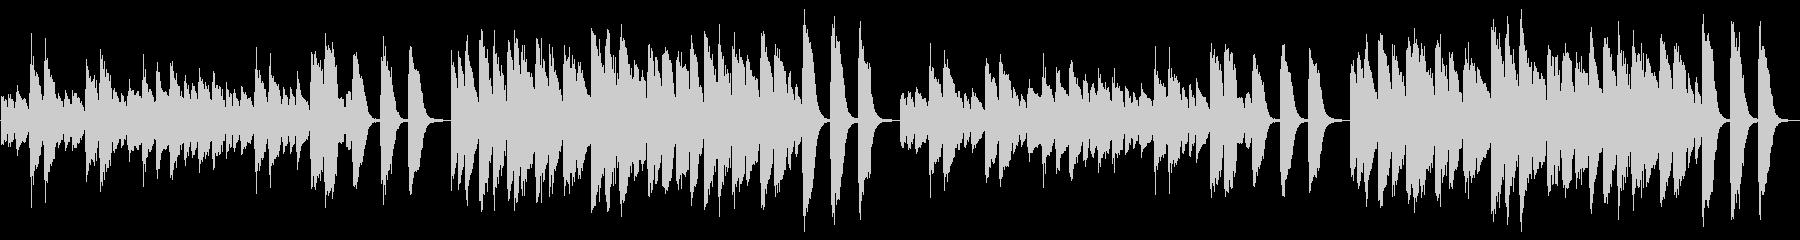 3分クッキングの原曲(ピアノソロ)ループの未再生の波形